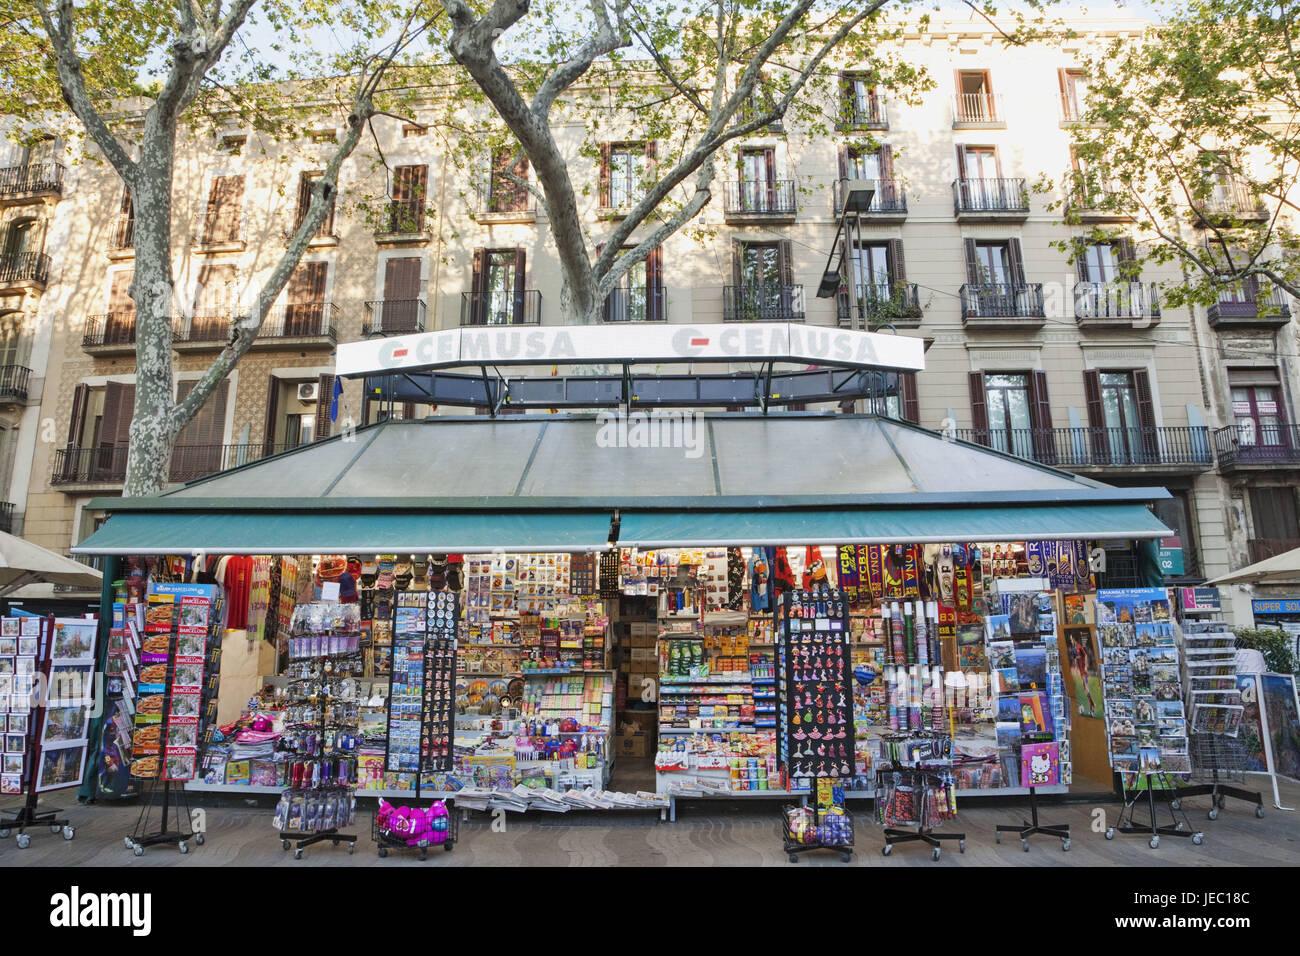 Spagna, Barcellona, Las Ramblas, il negozio di souvenir, edicola, Immagini Stock